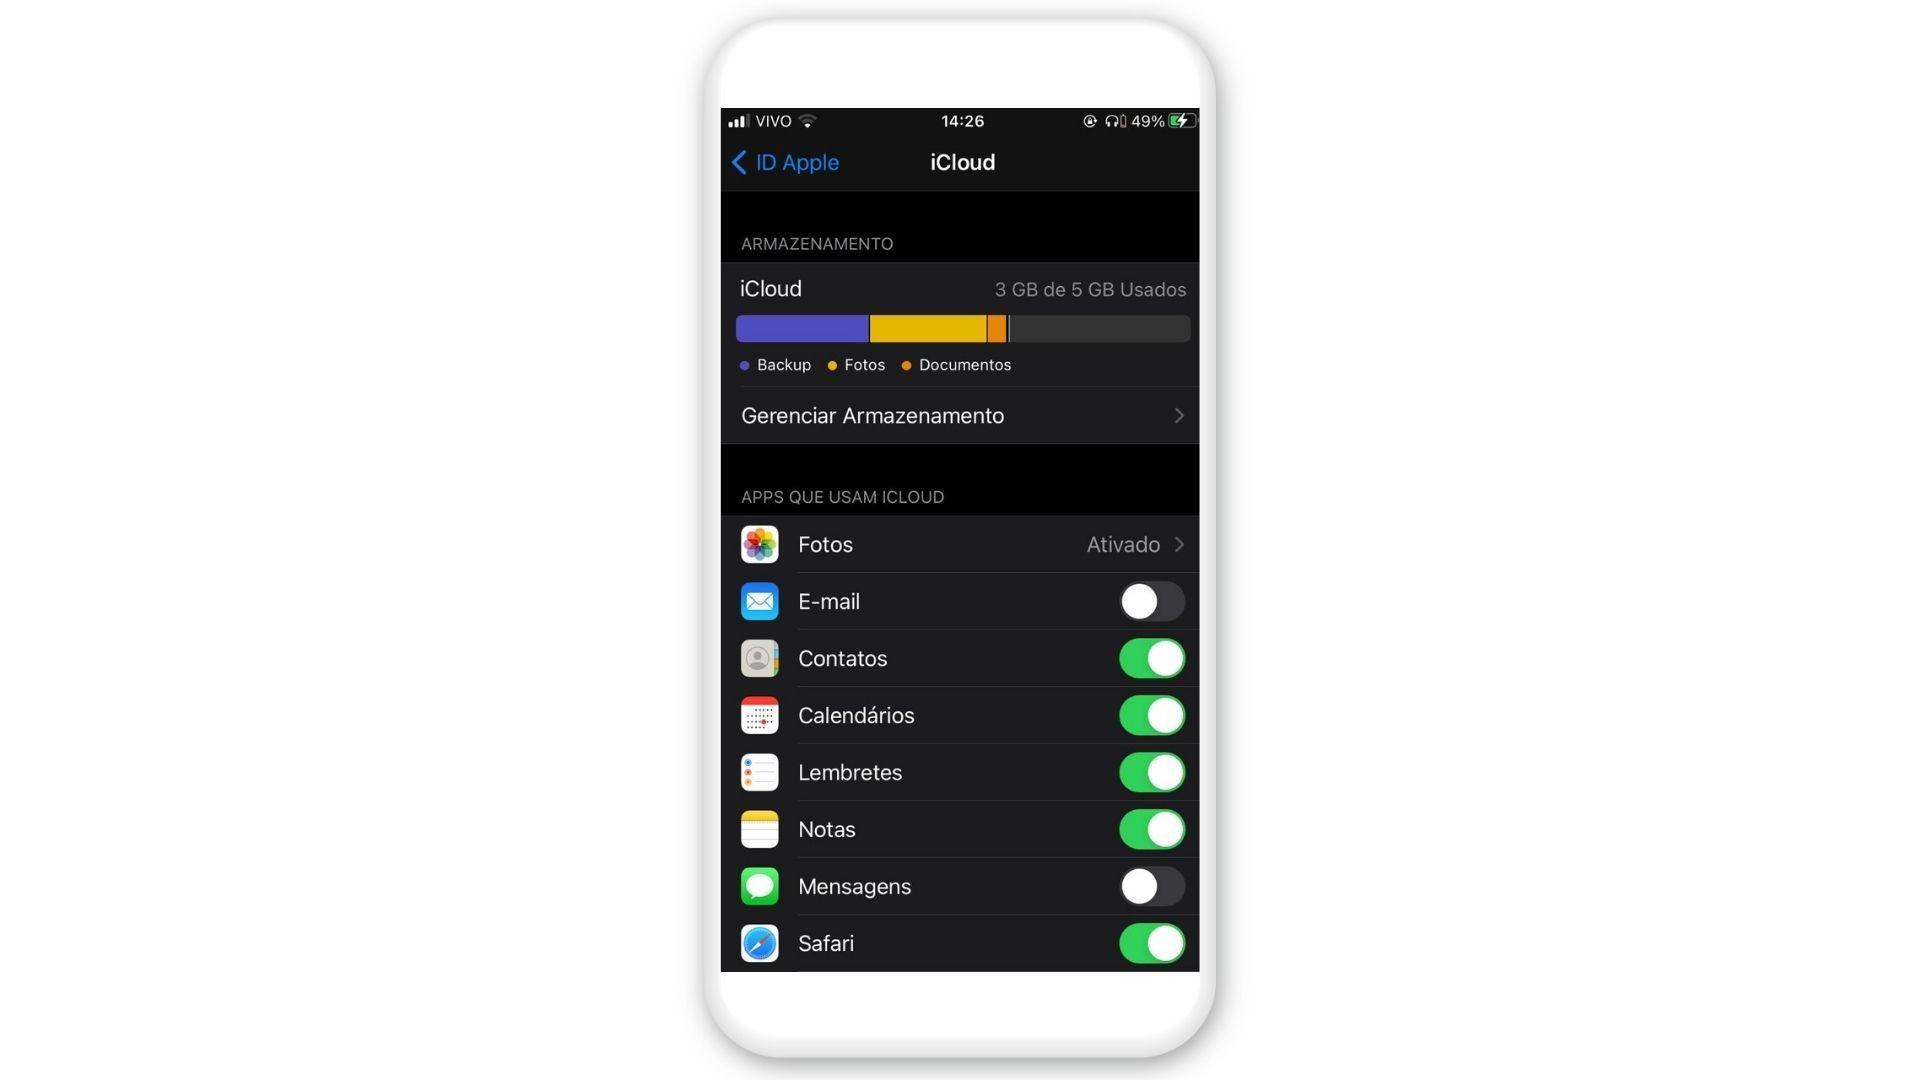 """Como recuperar contatos? Marque o item """"Contatos"""" no menu do iPhone (Foto: Arte/Zoom)"""